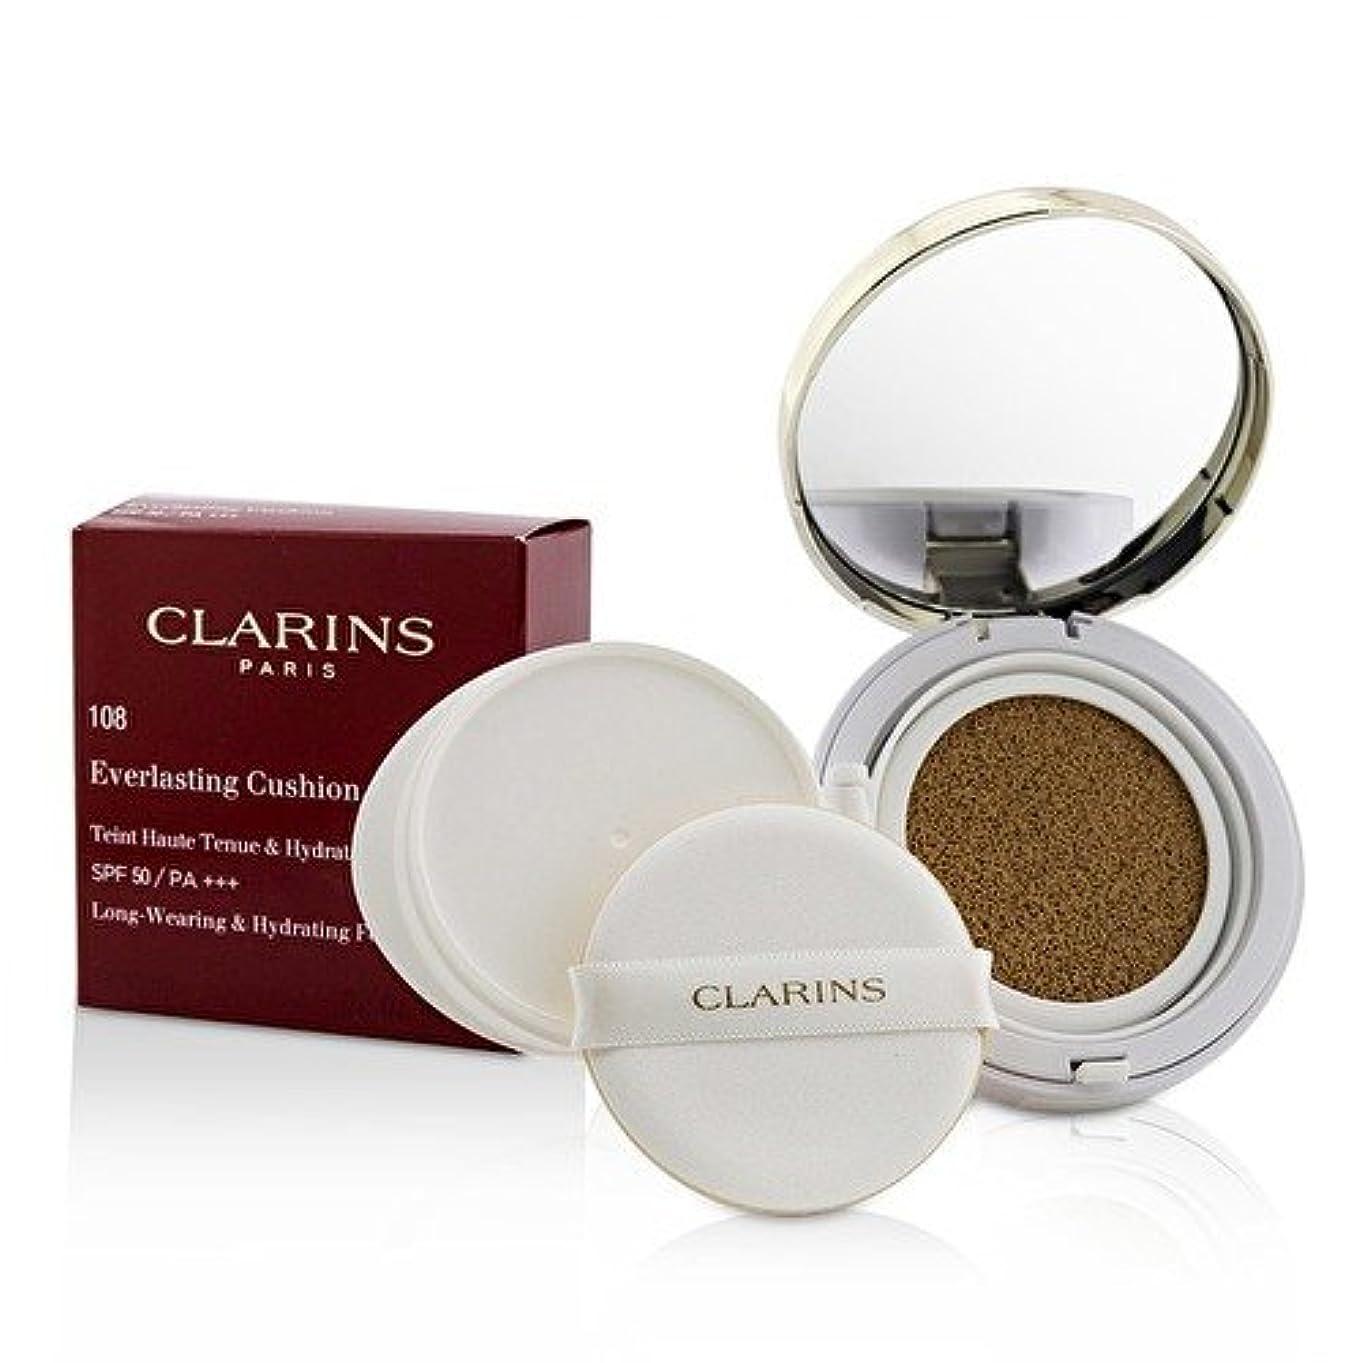 請求新しい意味別れるクラランス エヴァーラスティングクッションファンデーション SPF 50# 108 Sand